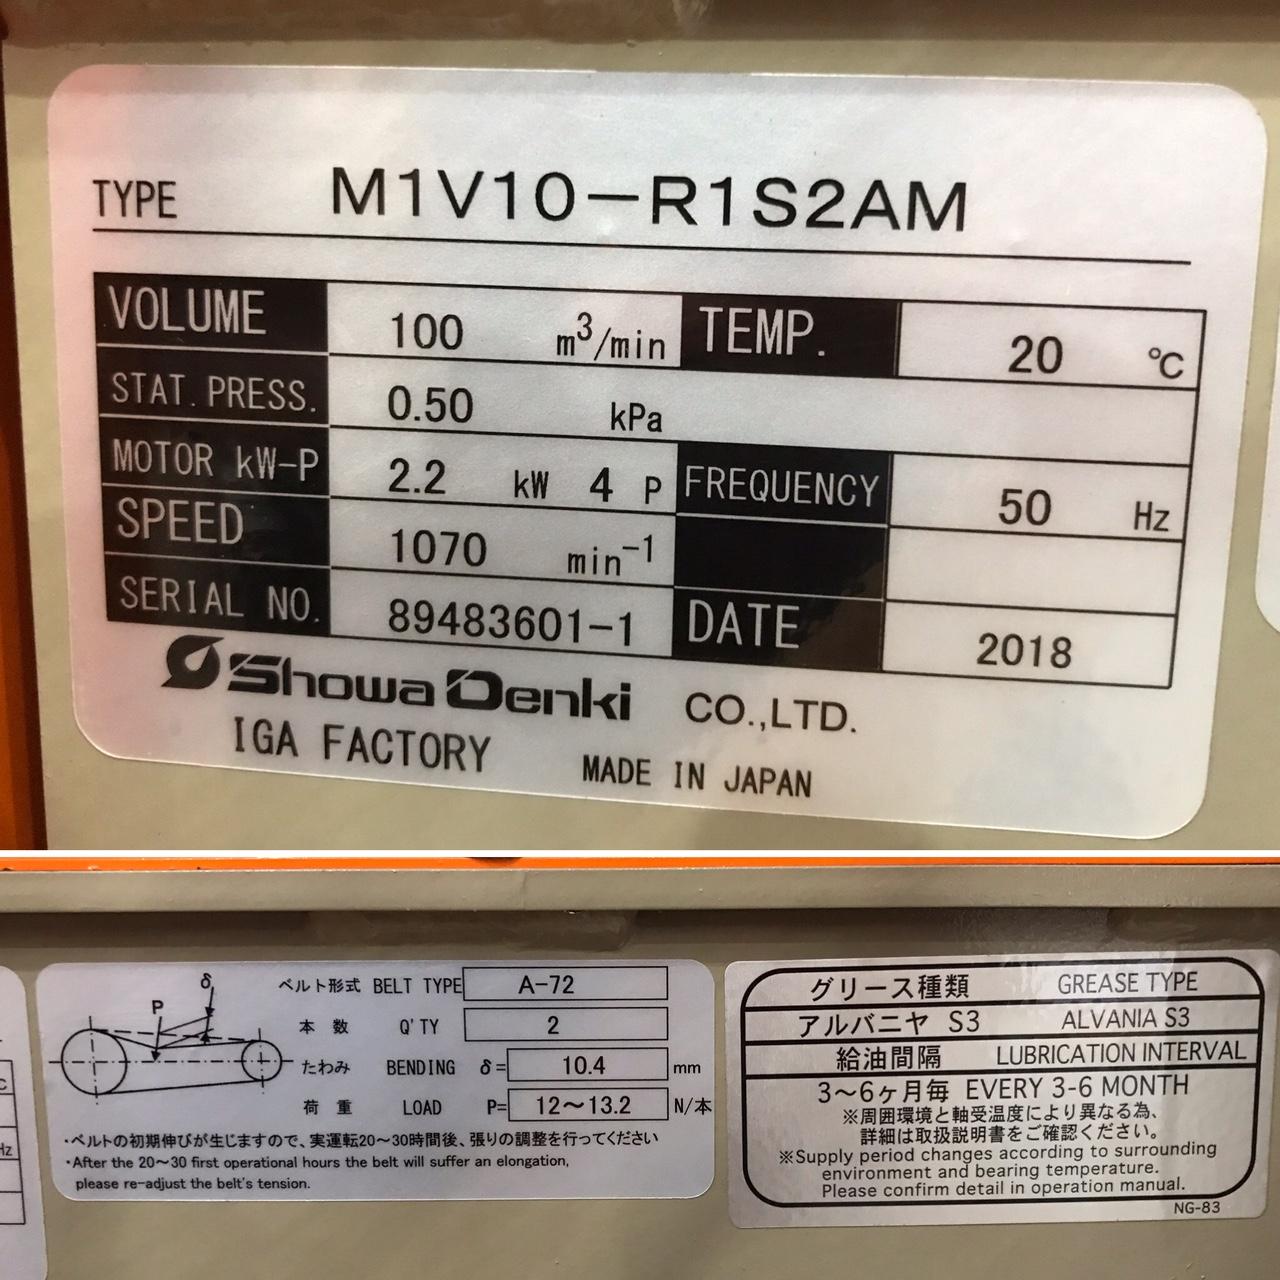 昭和電機_M1V10-R1S2AM_ブロワー